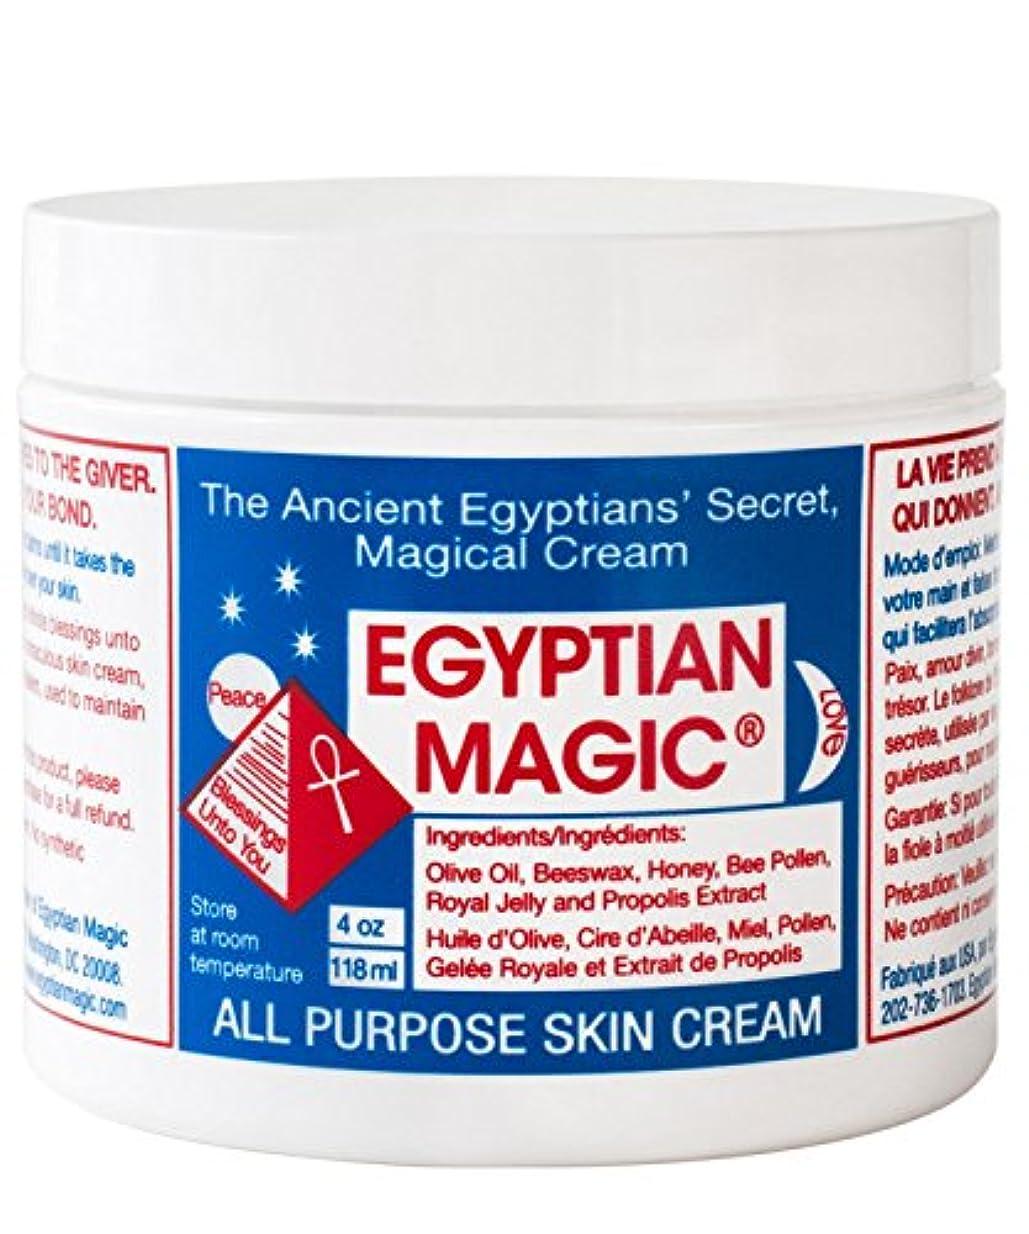 気配りのあるジョブ気怠いEgyptian Magic All Purpose Skin Cream 118ml (Pack of 6) - エジプトの魔法の万能スキンクリーム118ミリリットル x6 [並行輸入品]